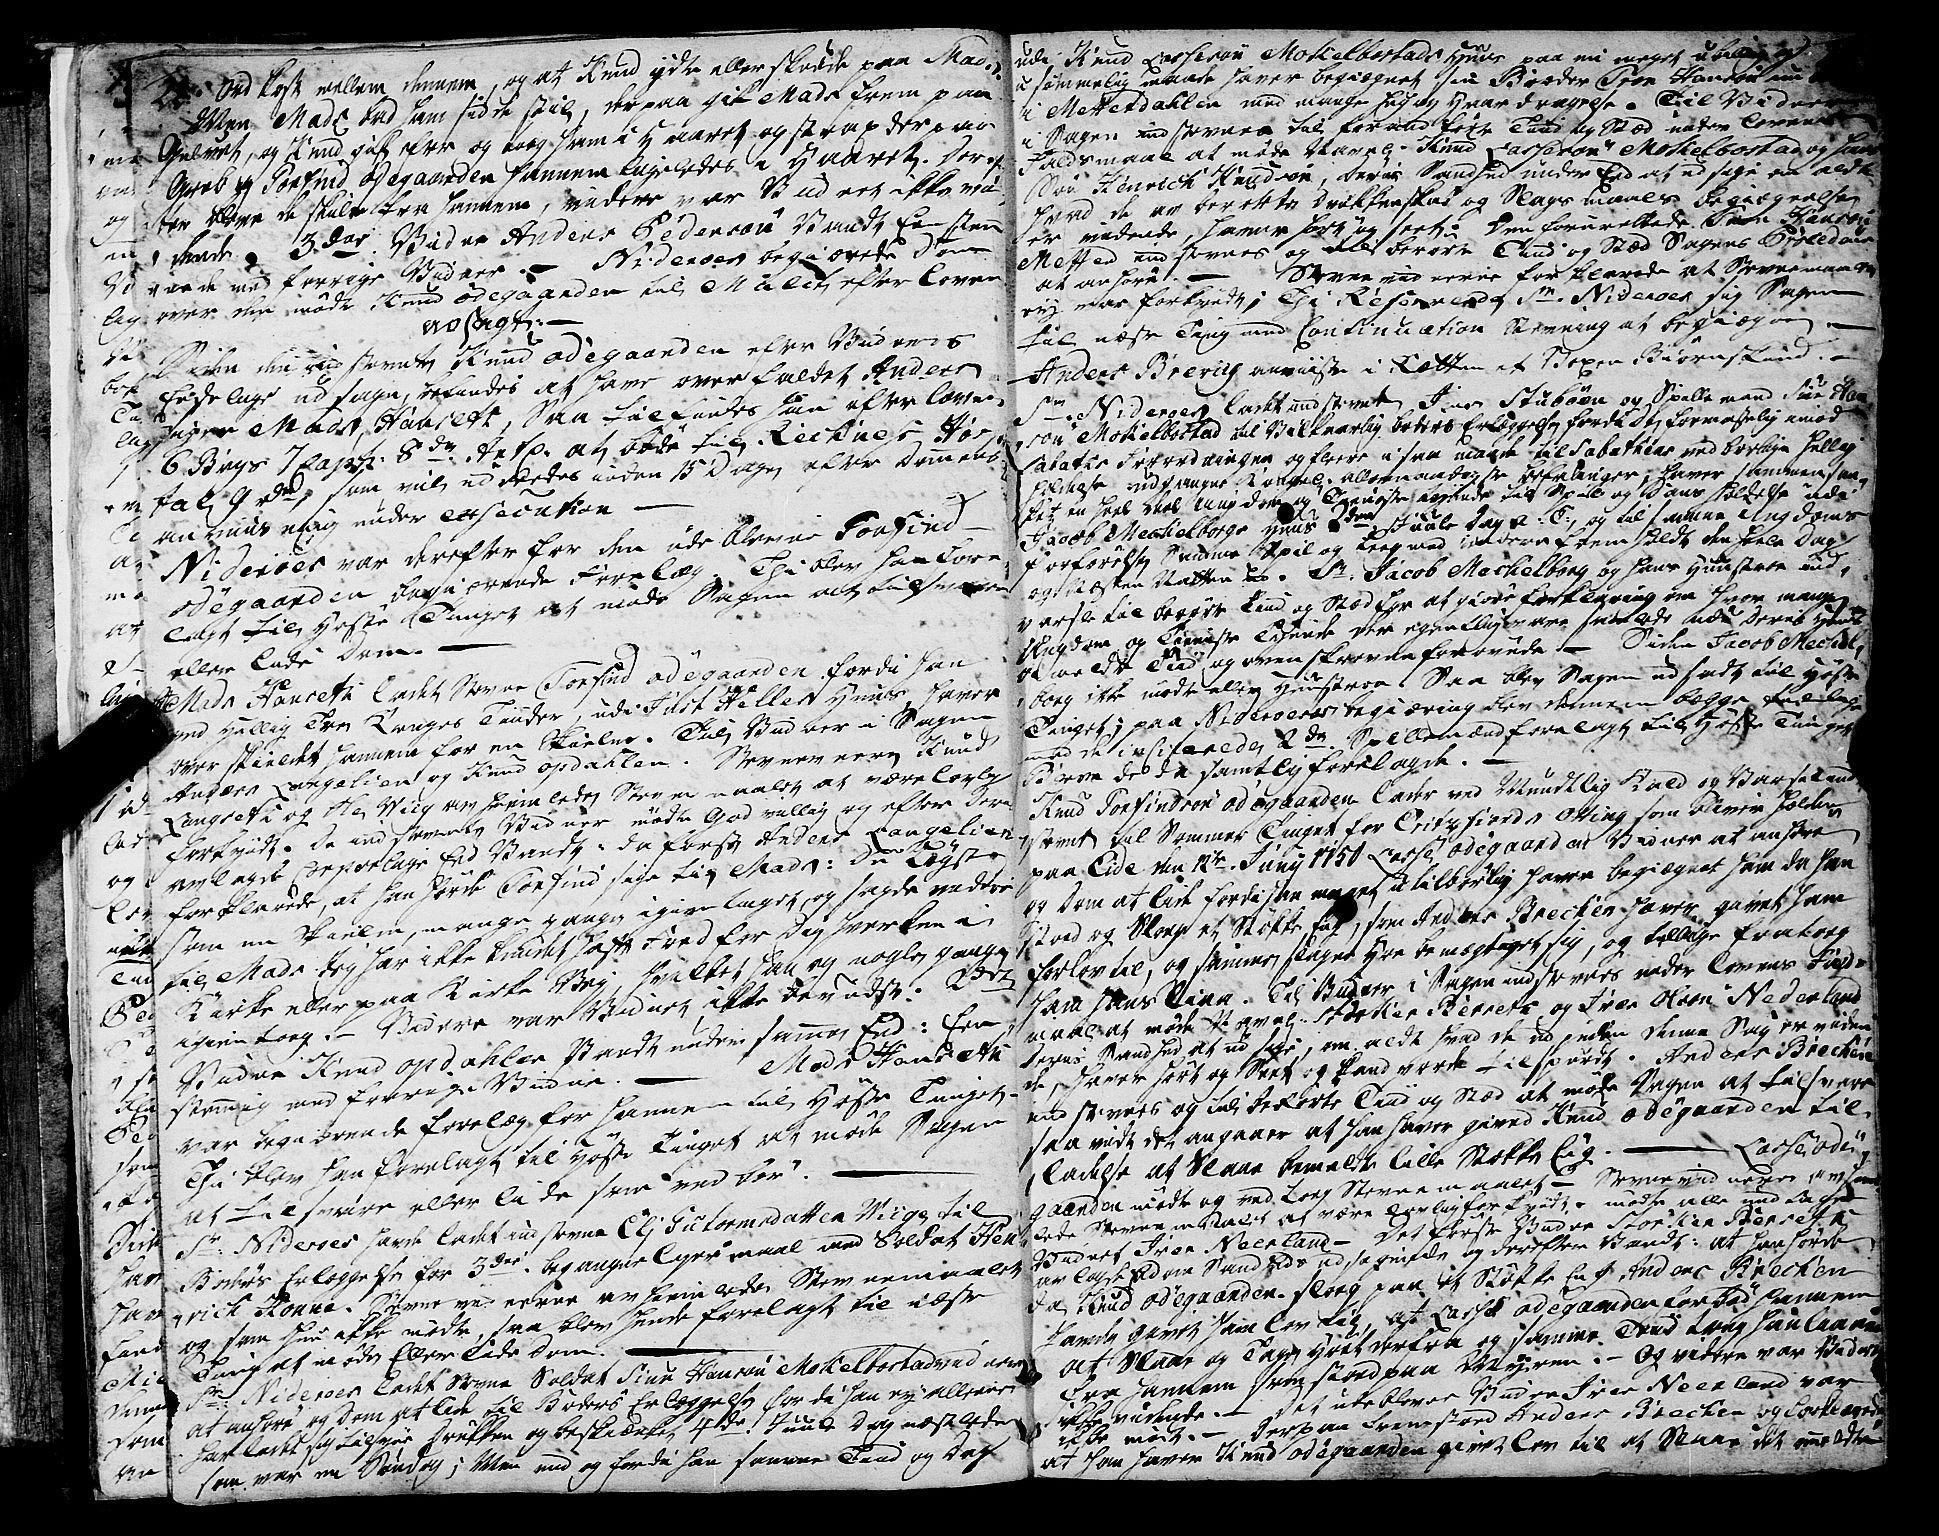 SAT, Romsdal sorenskriveri, 1/1A/L0013: Tingbok, 1749-1757, s. 22-23